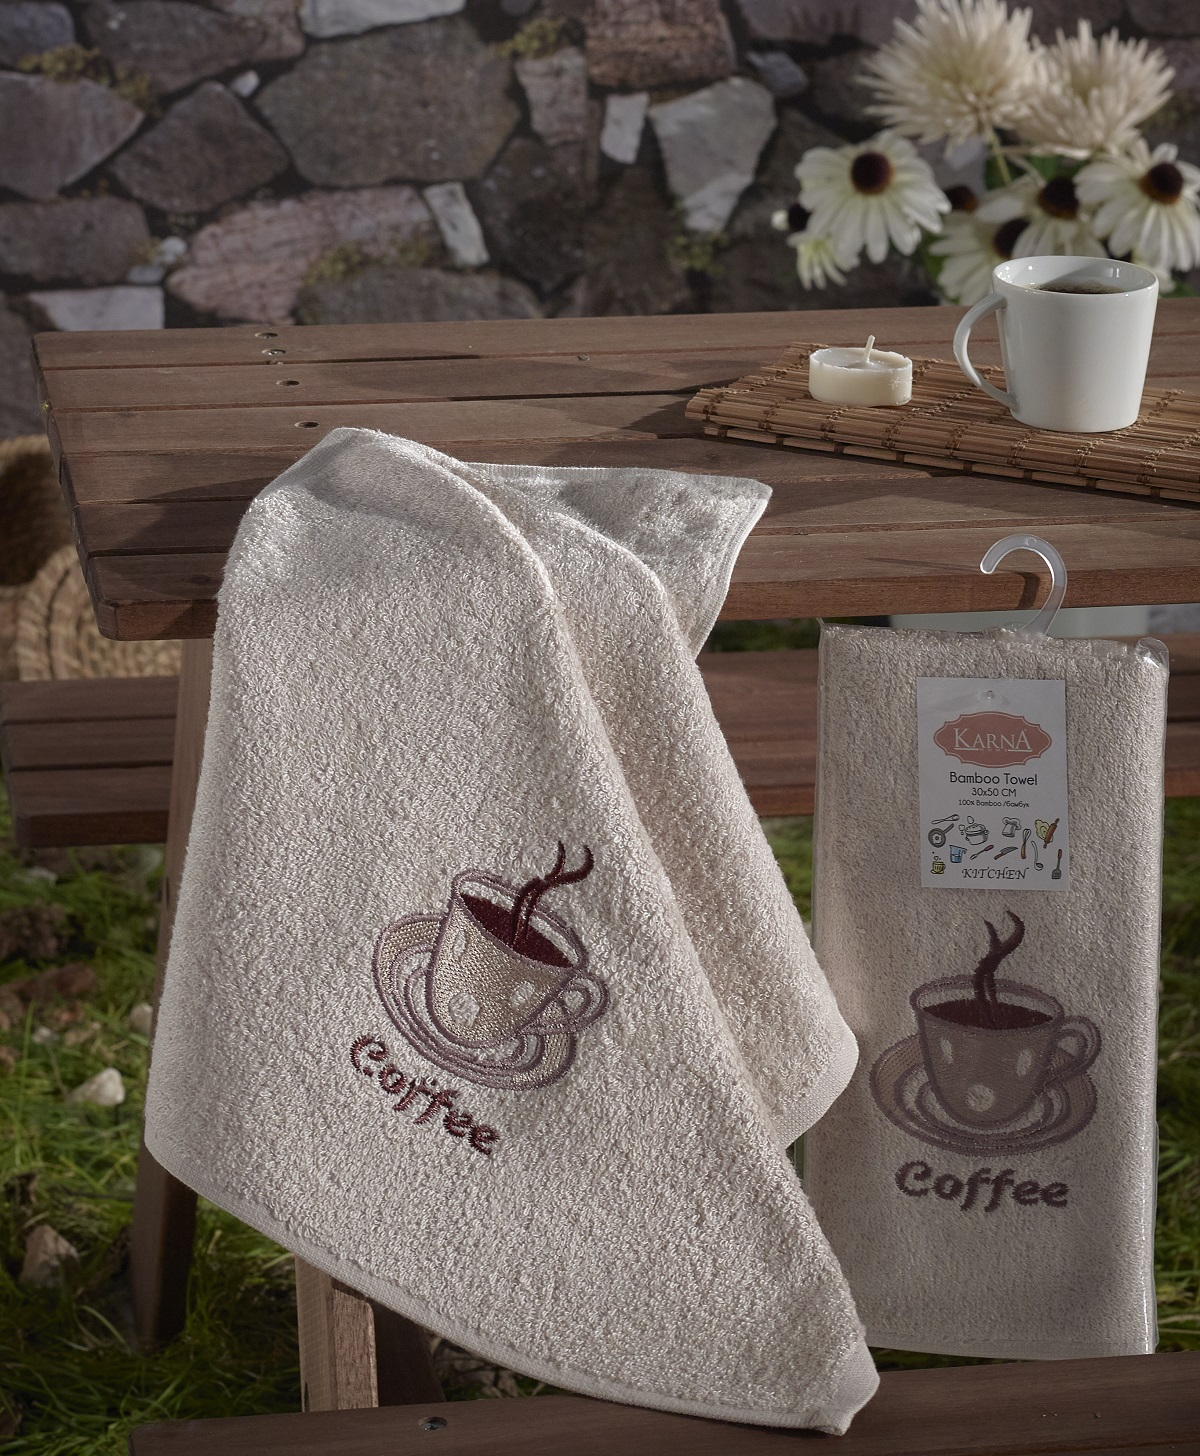 Полотенца Karna Кухонное полотенце Self (30х50 см) полотенце кухонное бамбук 40х60см клетка жакк в ассортименте 30% хлопок 70% бамбук